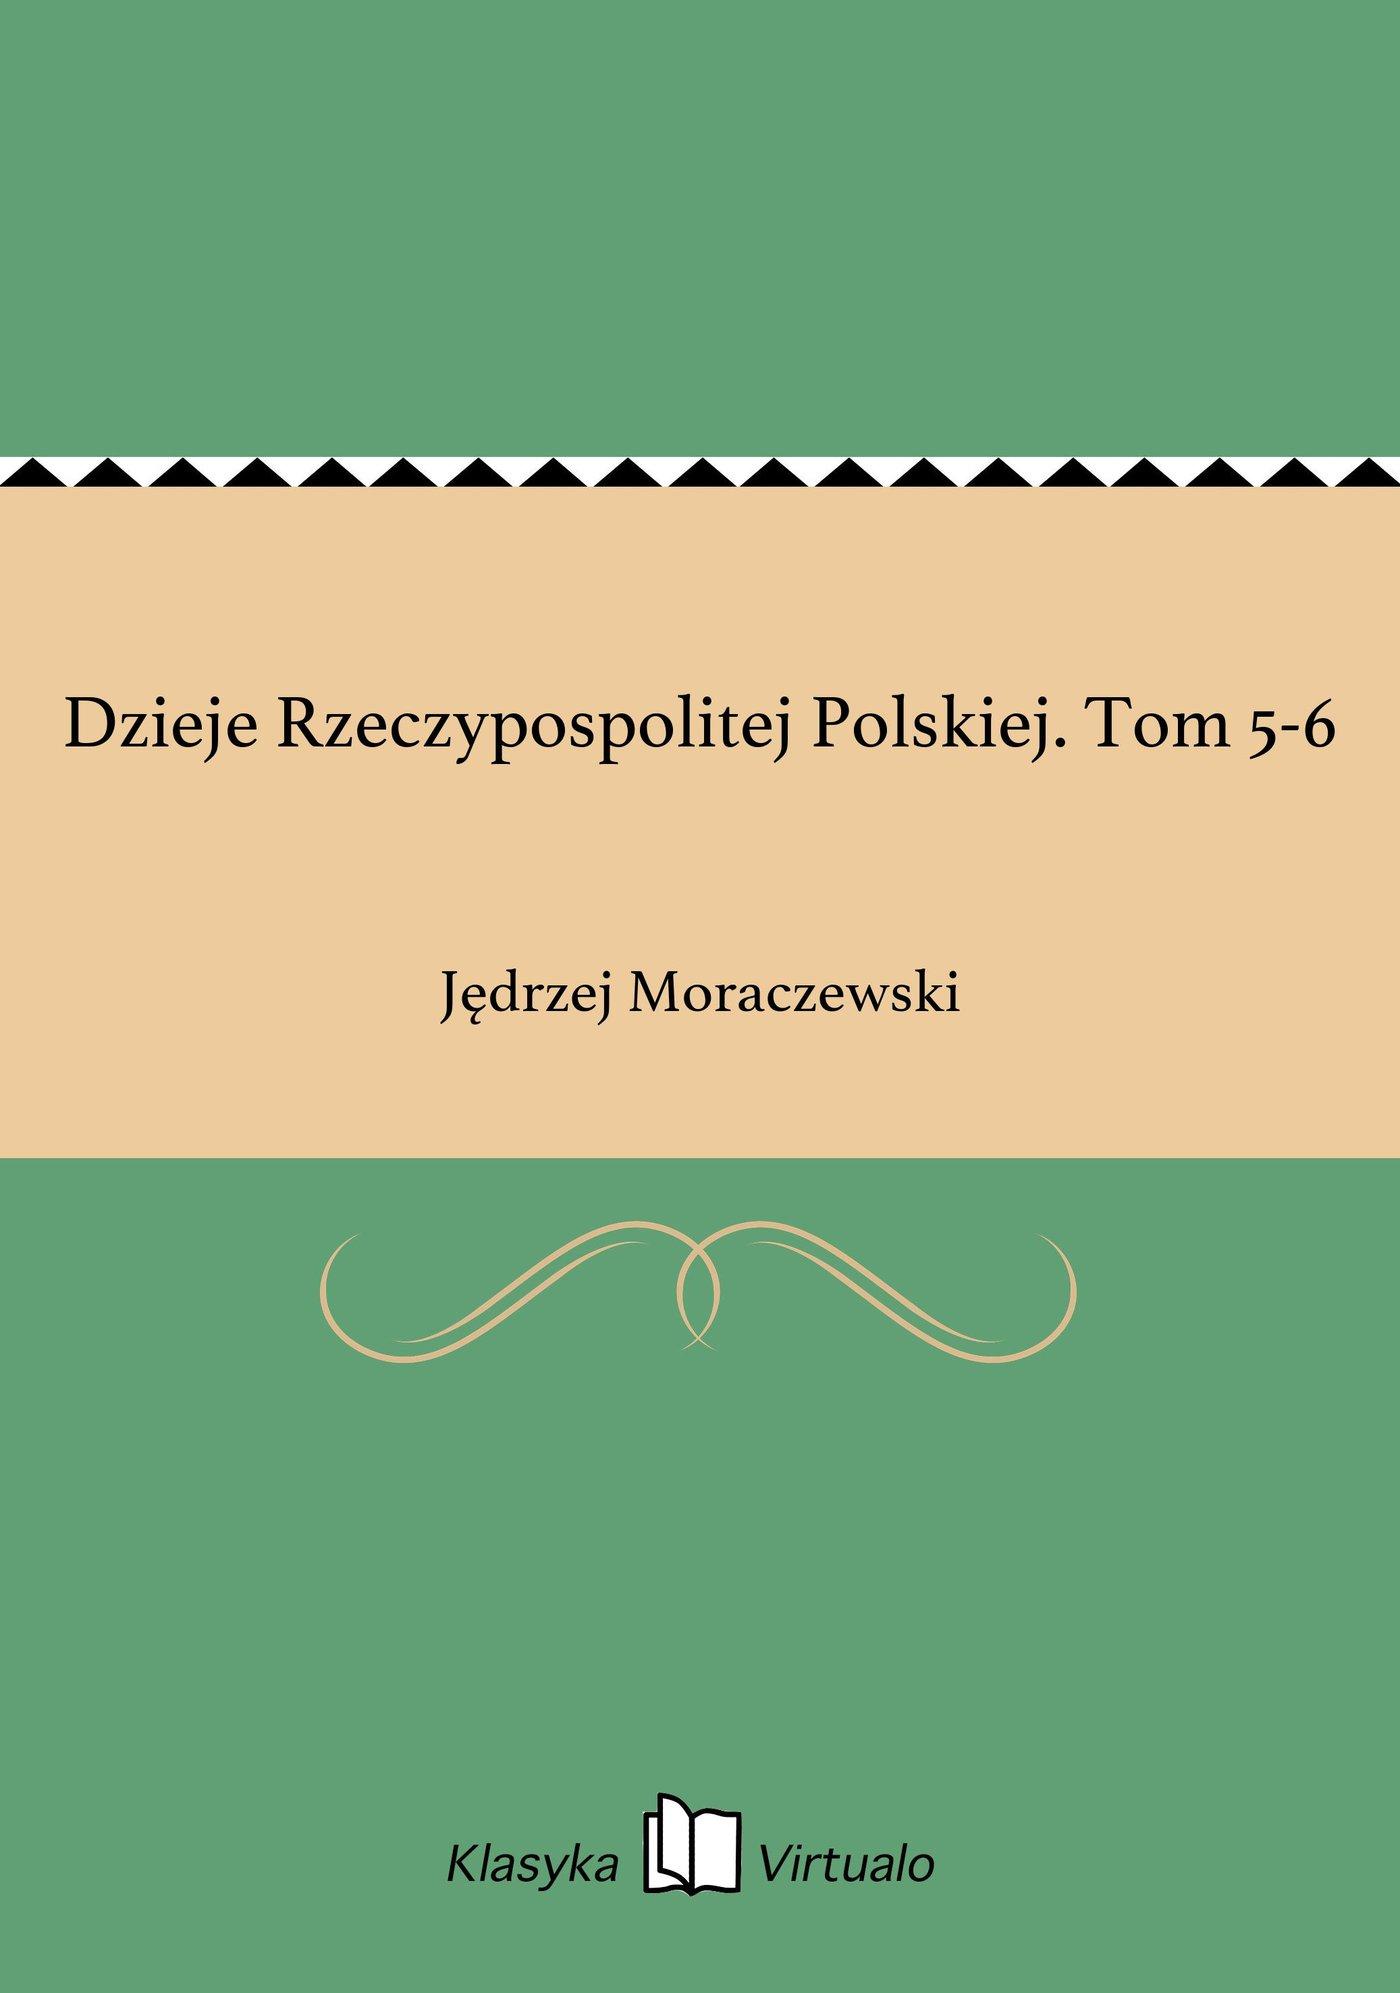 Dzieje Rzeczypospolitej Polskiej. Tom 5-6 - Ebook (Książka EPUB) do pobrania w formacie EPUB